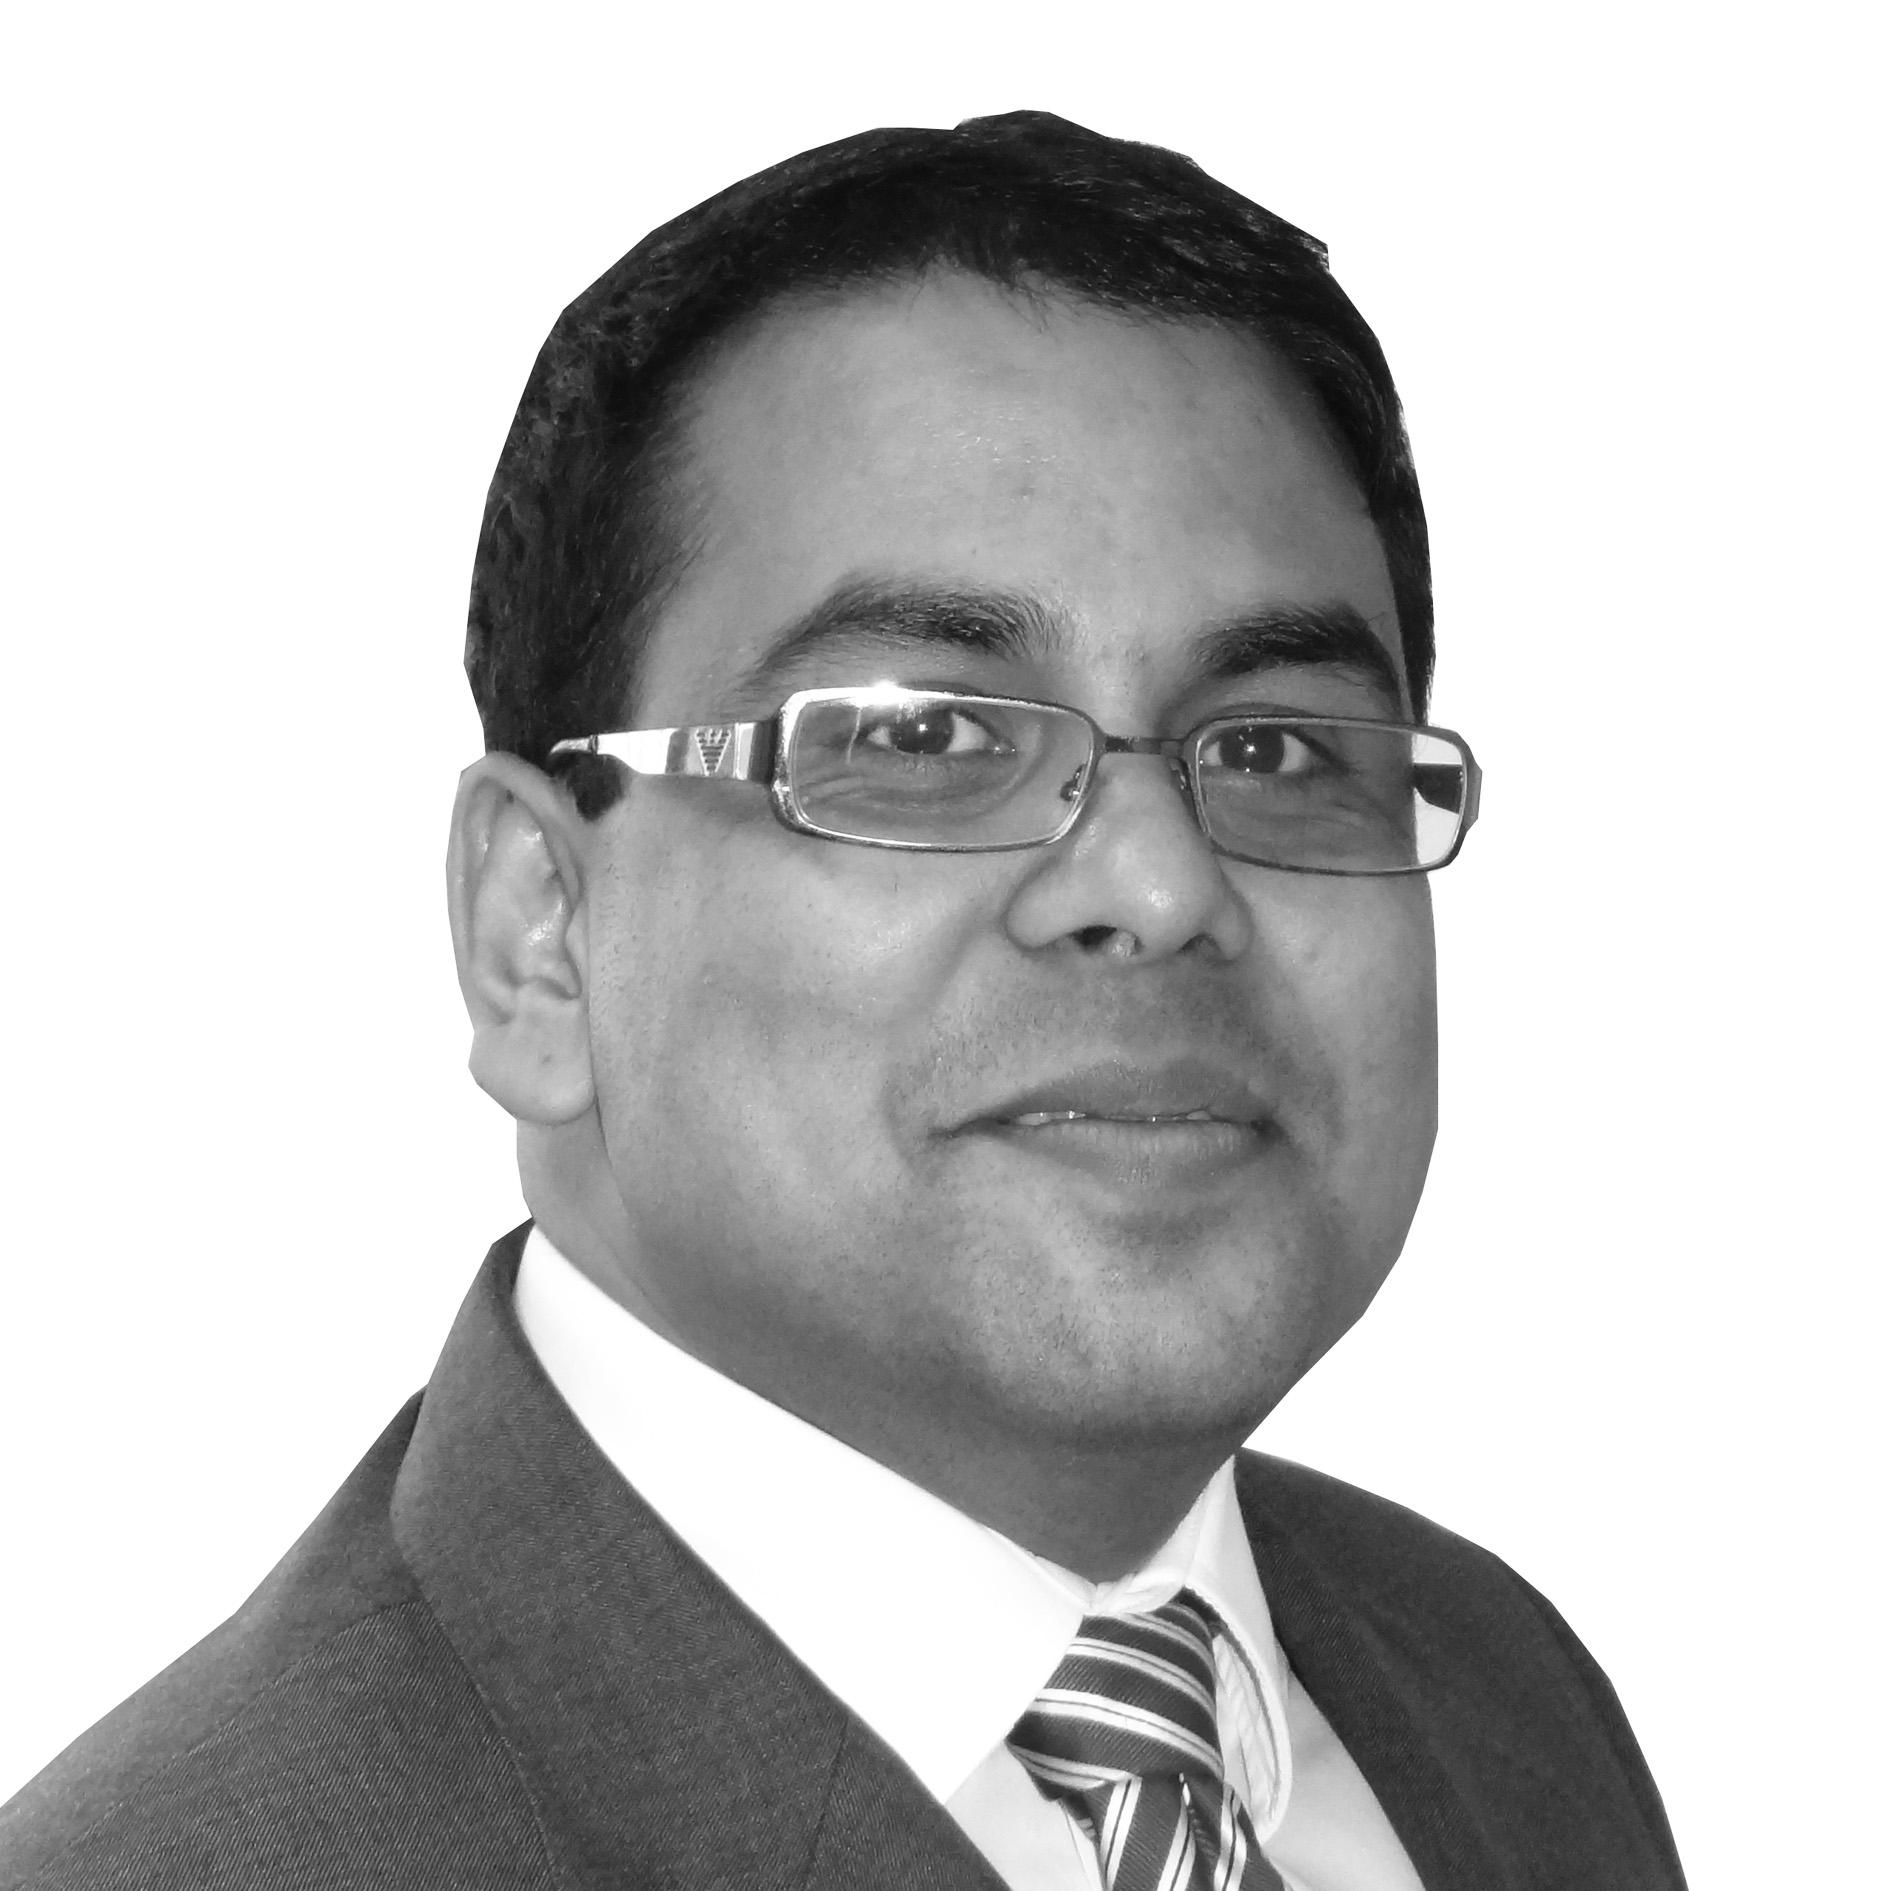 Vinny Kumar